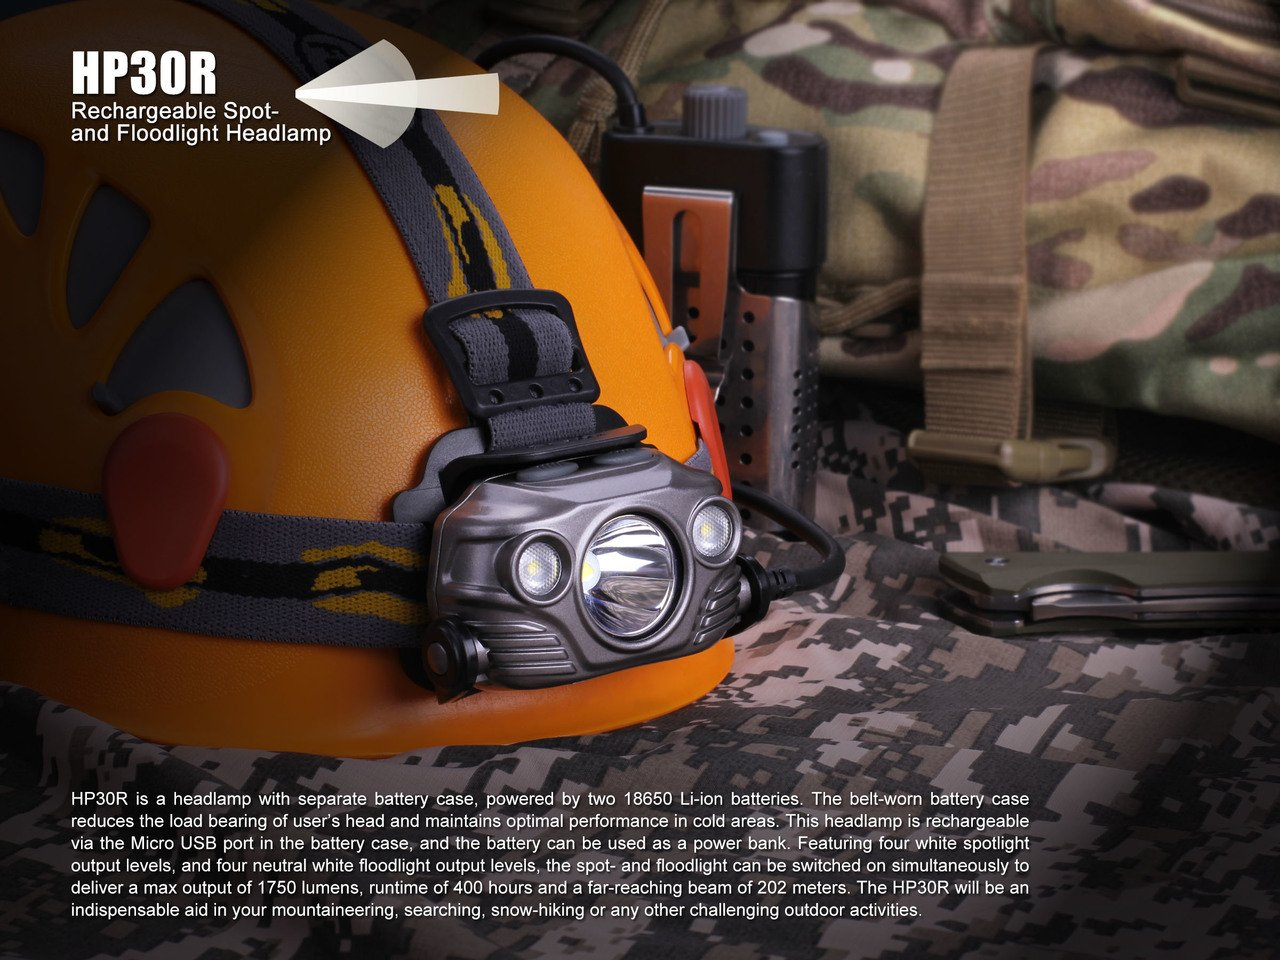 Fenix HP30R 1750 Lumen CREE LED Headlamp 2 X Fenix Li-ion rechargeable batteries and Four EdisonBright CR123A Lithium batteries bundle Black color body